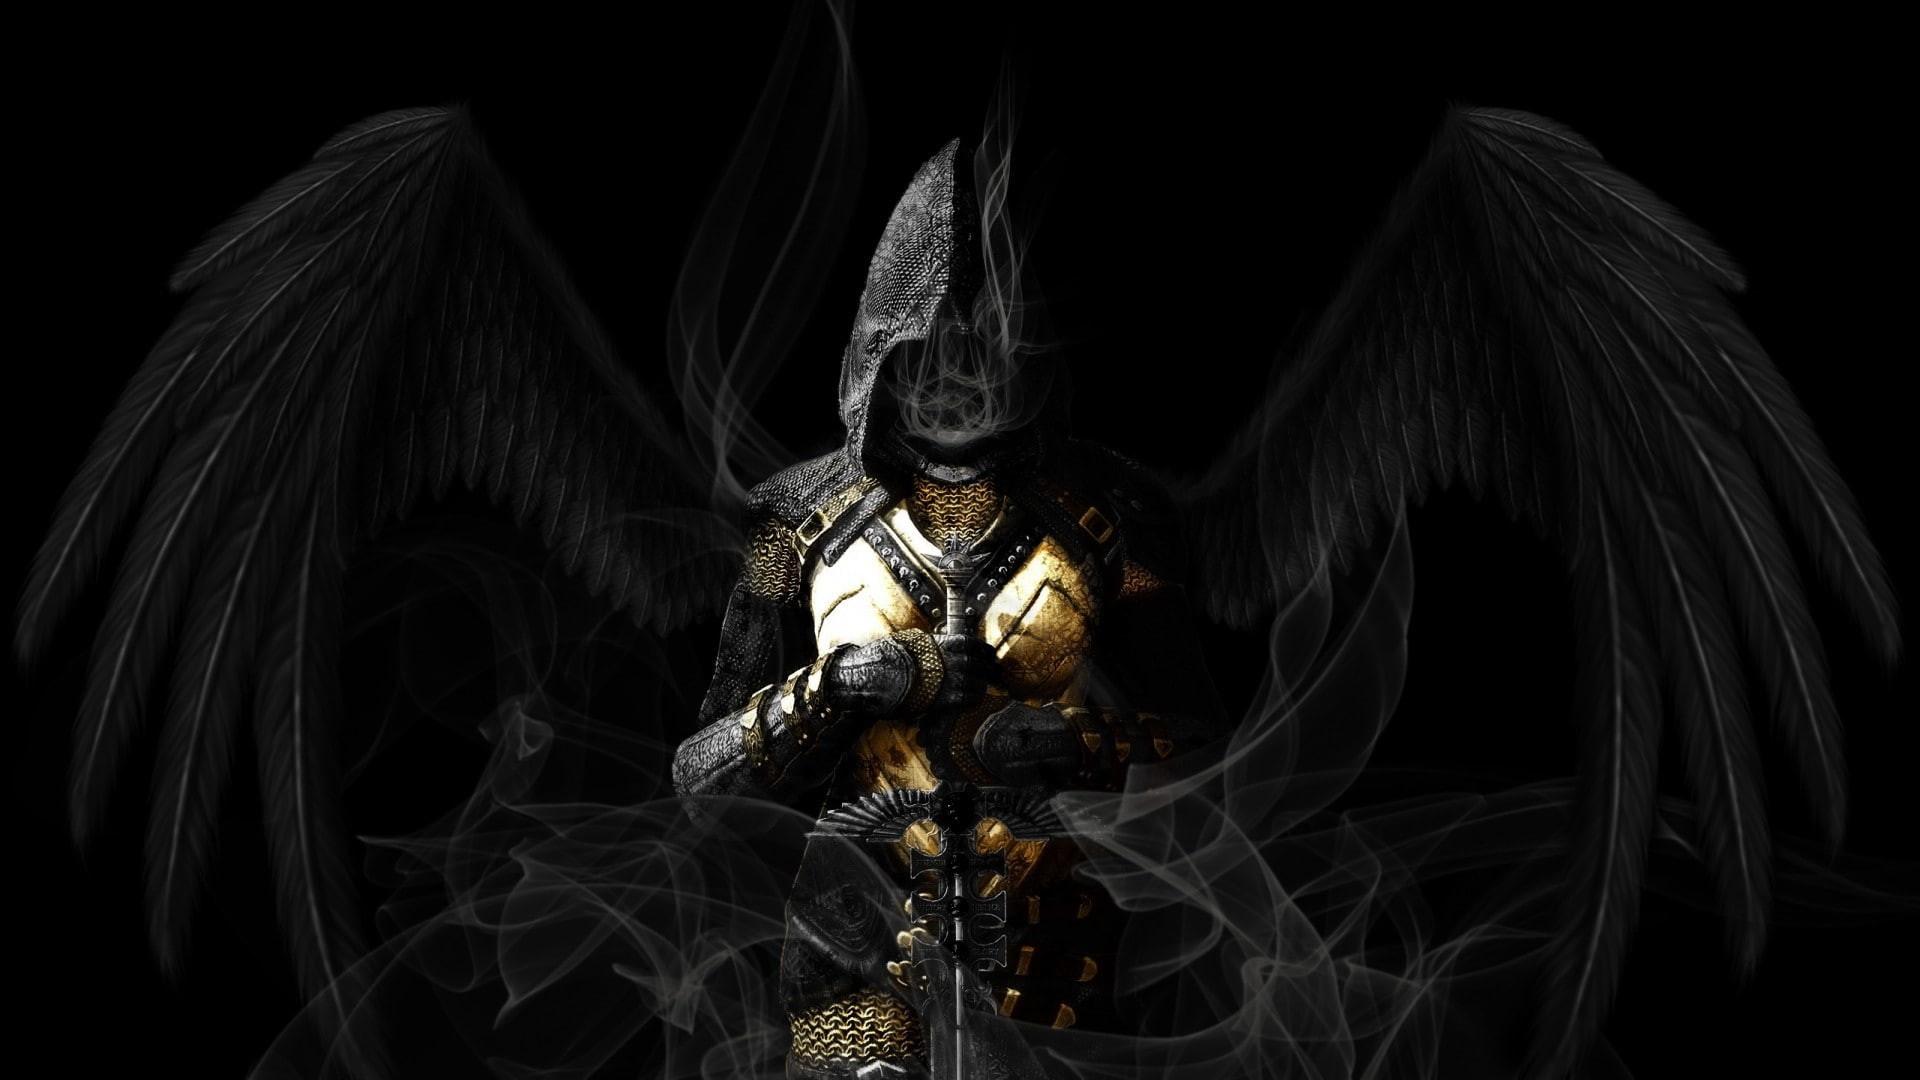 Michael Archangel Wallpaper 71 Pictures